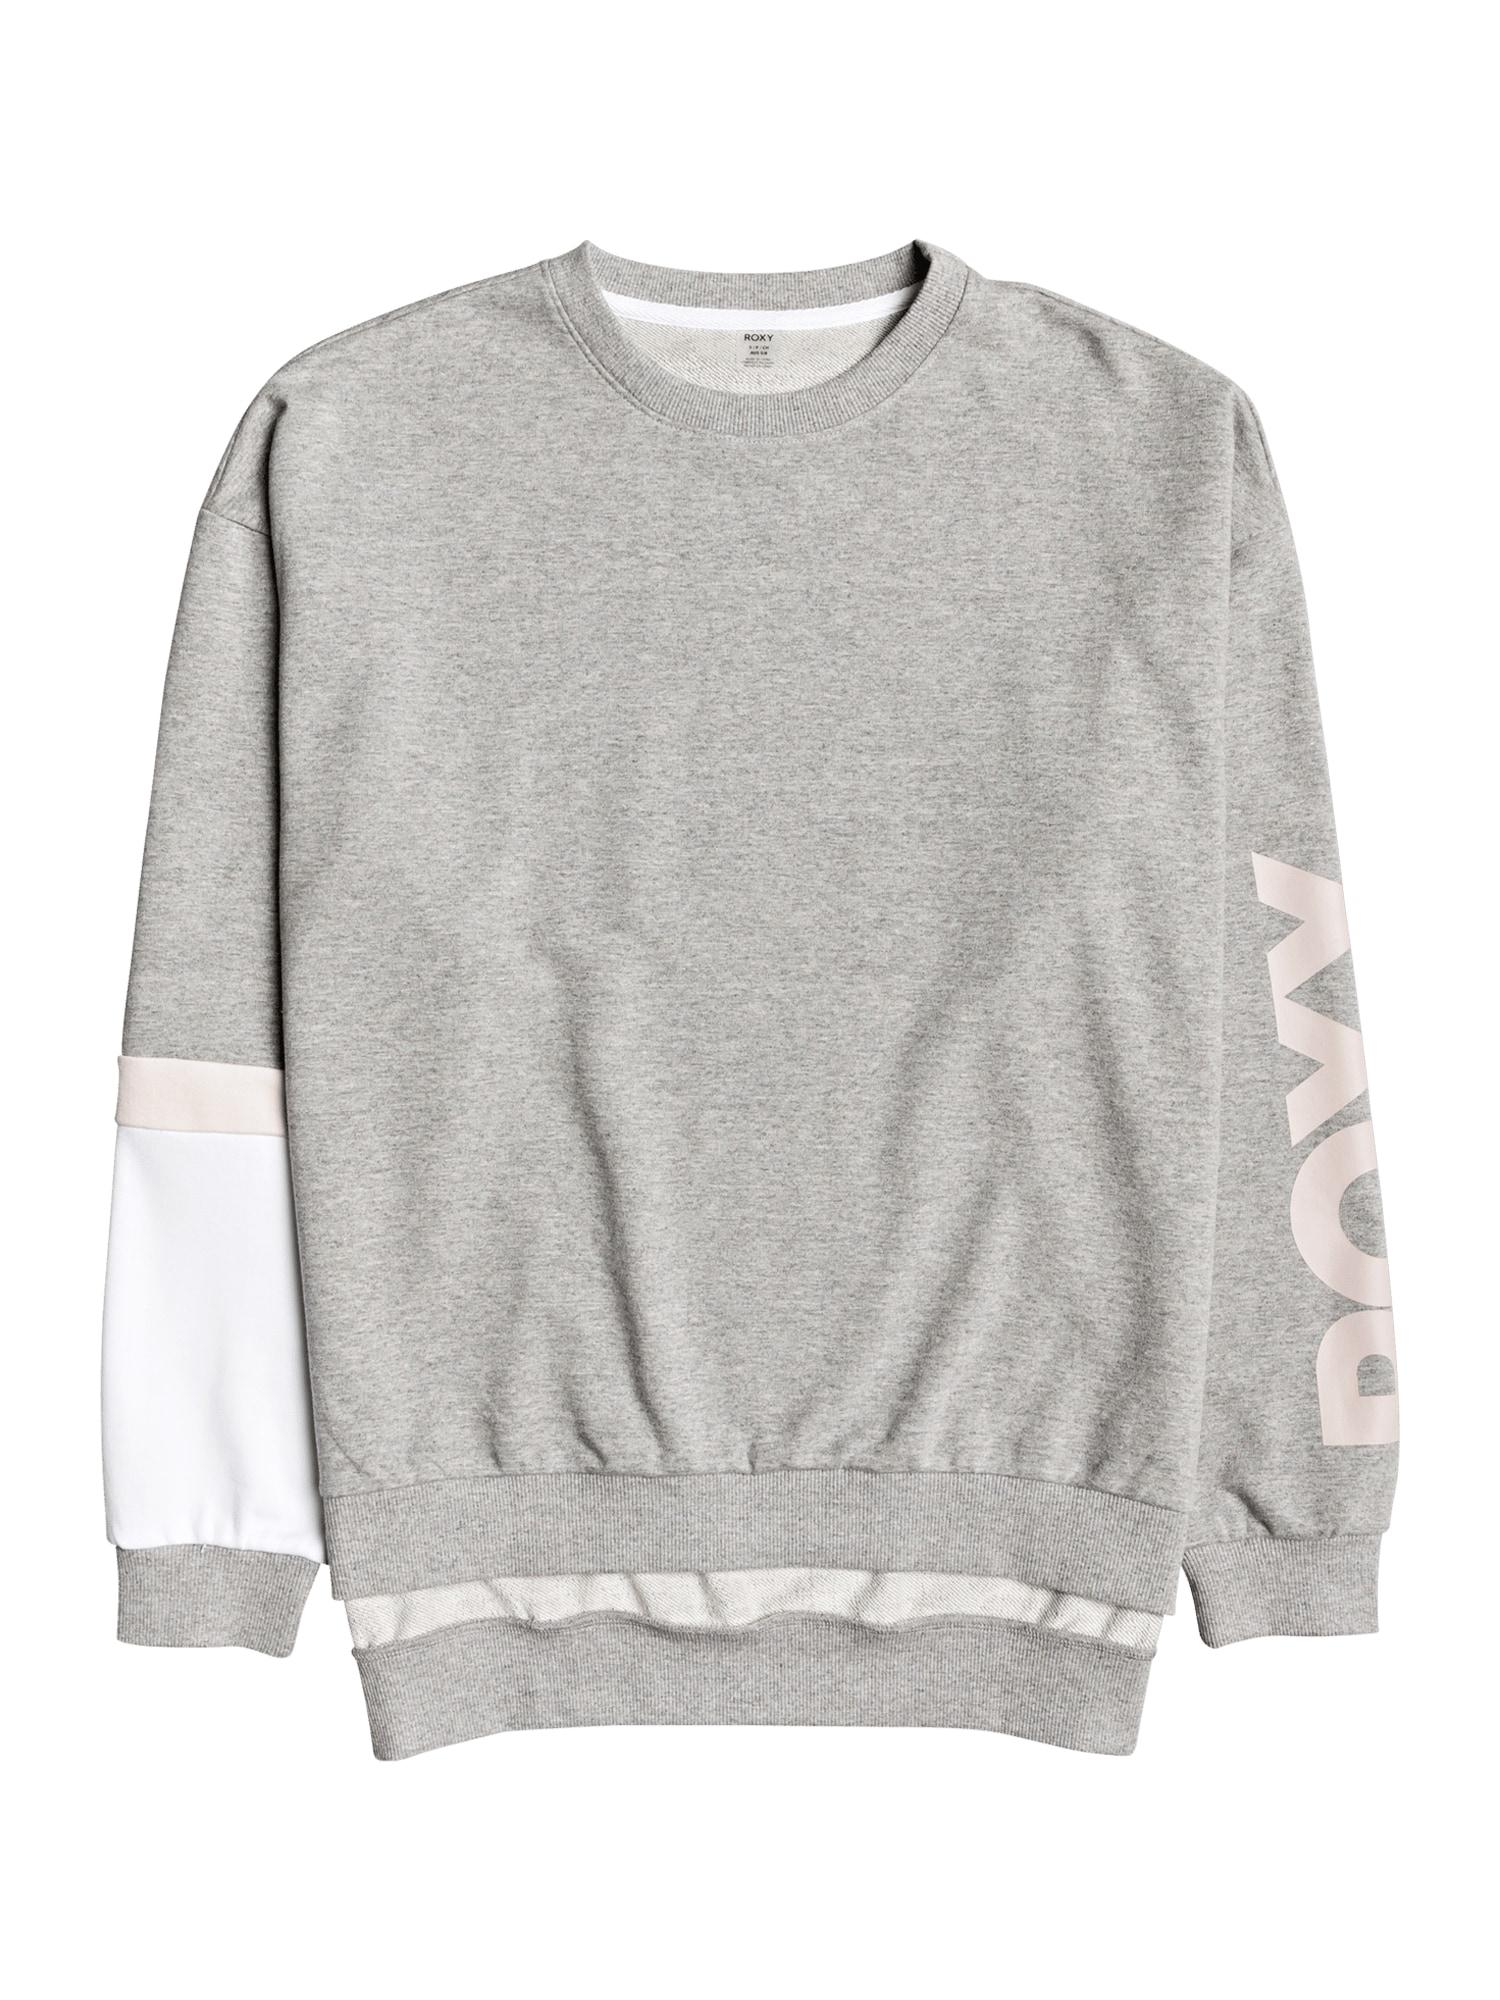 ROXY Sportinio tipo megztinis 'It Might Get Loud' rožių spalva / šviesiai pilka / balta